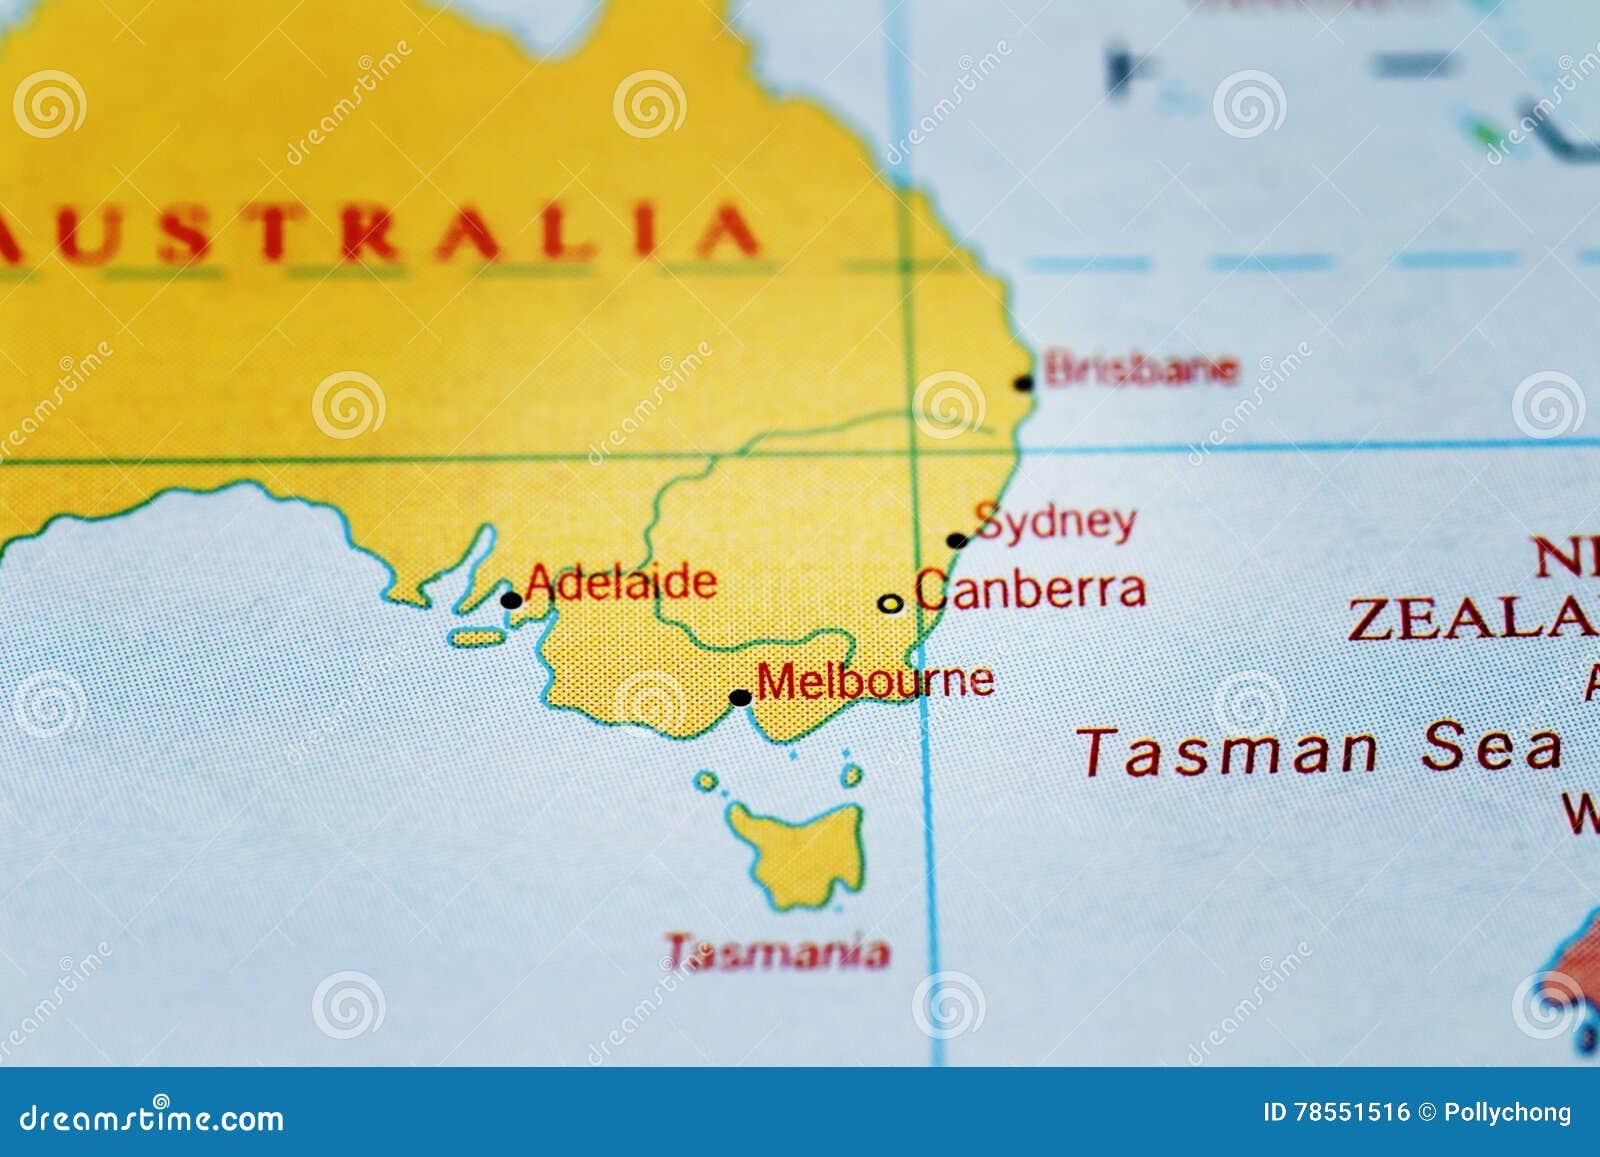 Canberra Sydney Melbourne Adelaide Und Australien Auf Karte